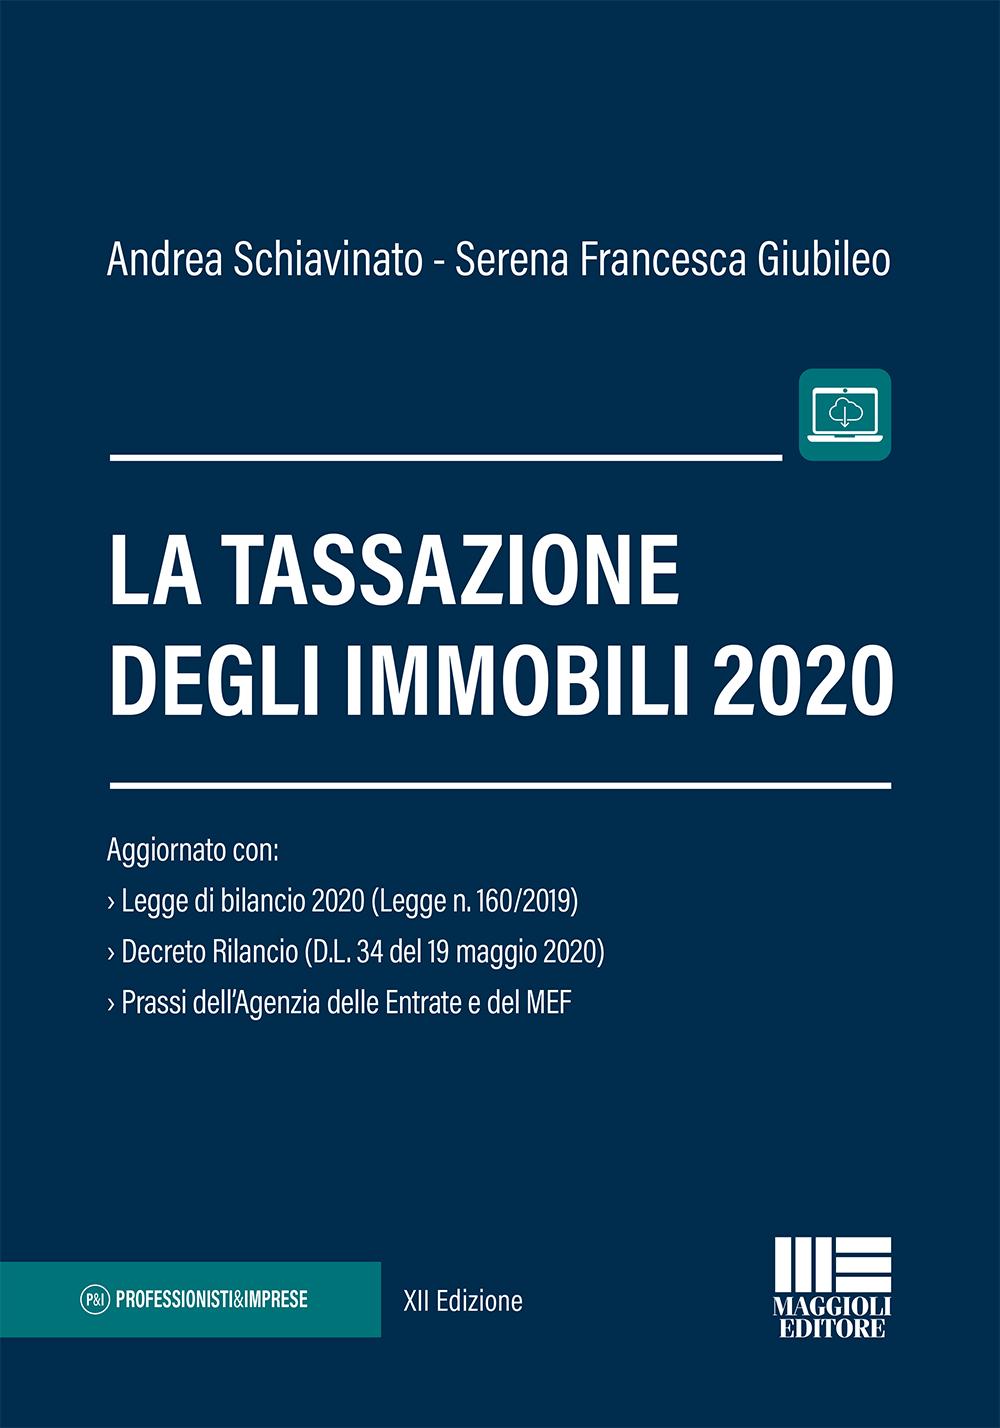 La tassazione degli immobili 2020